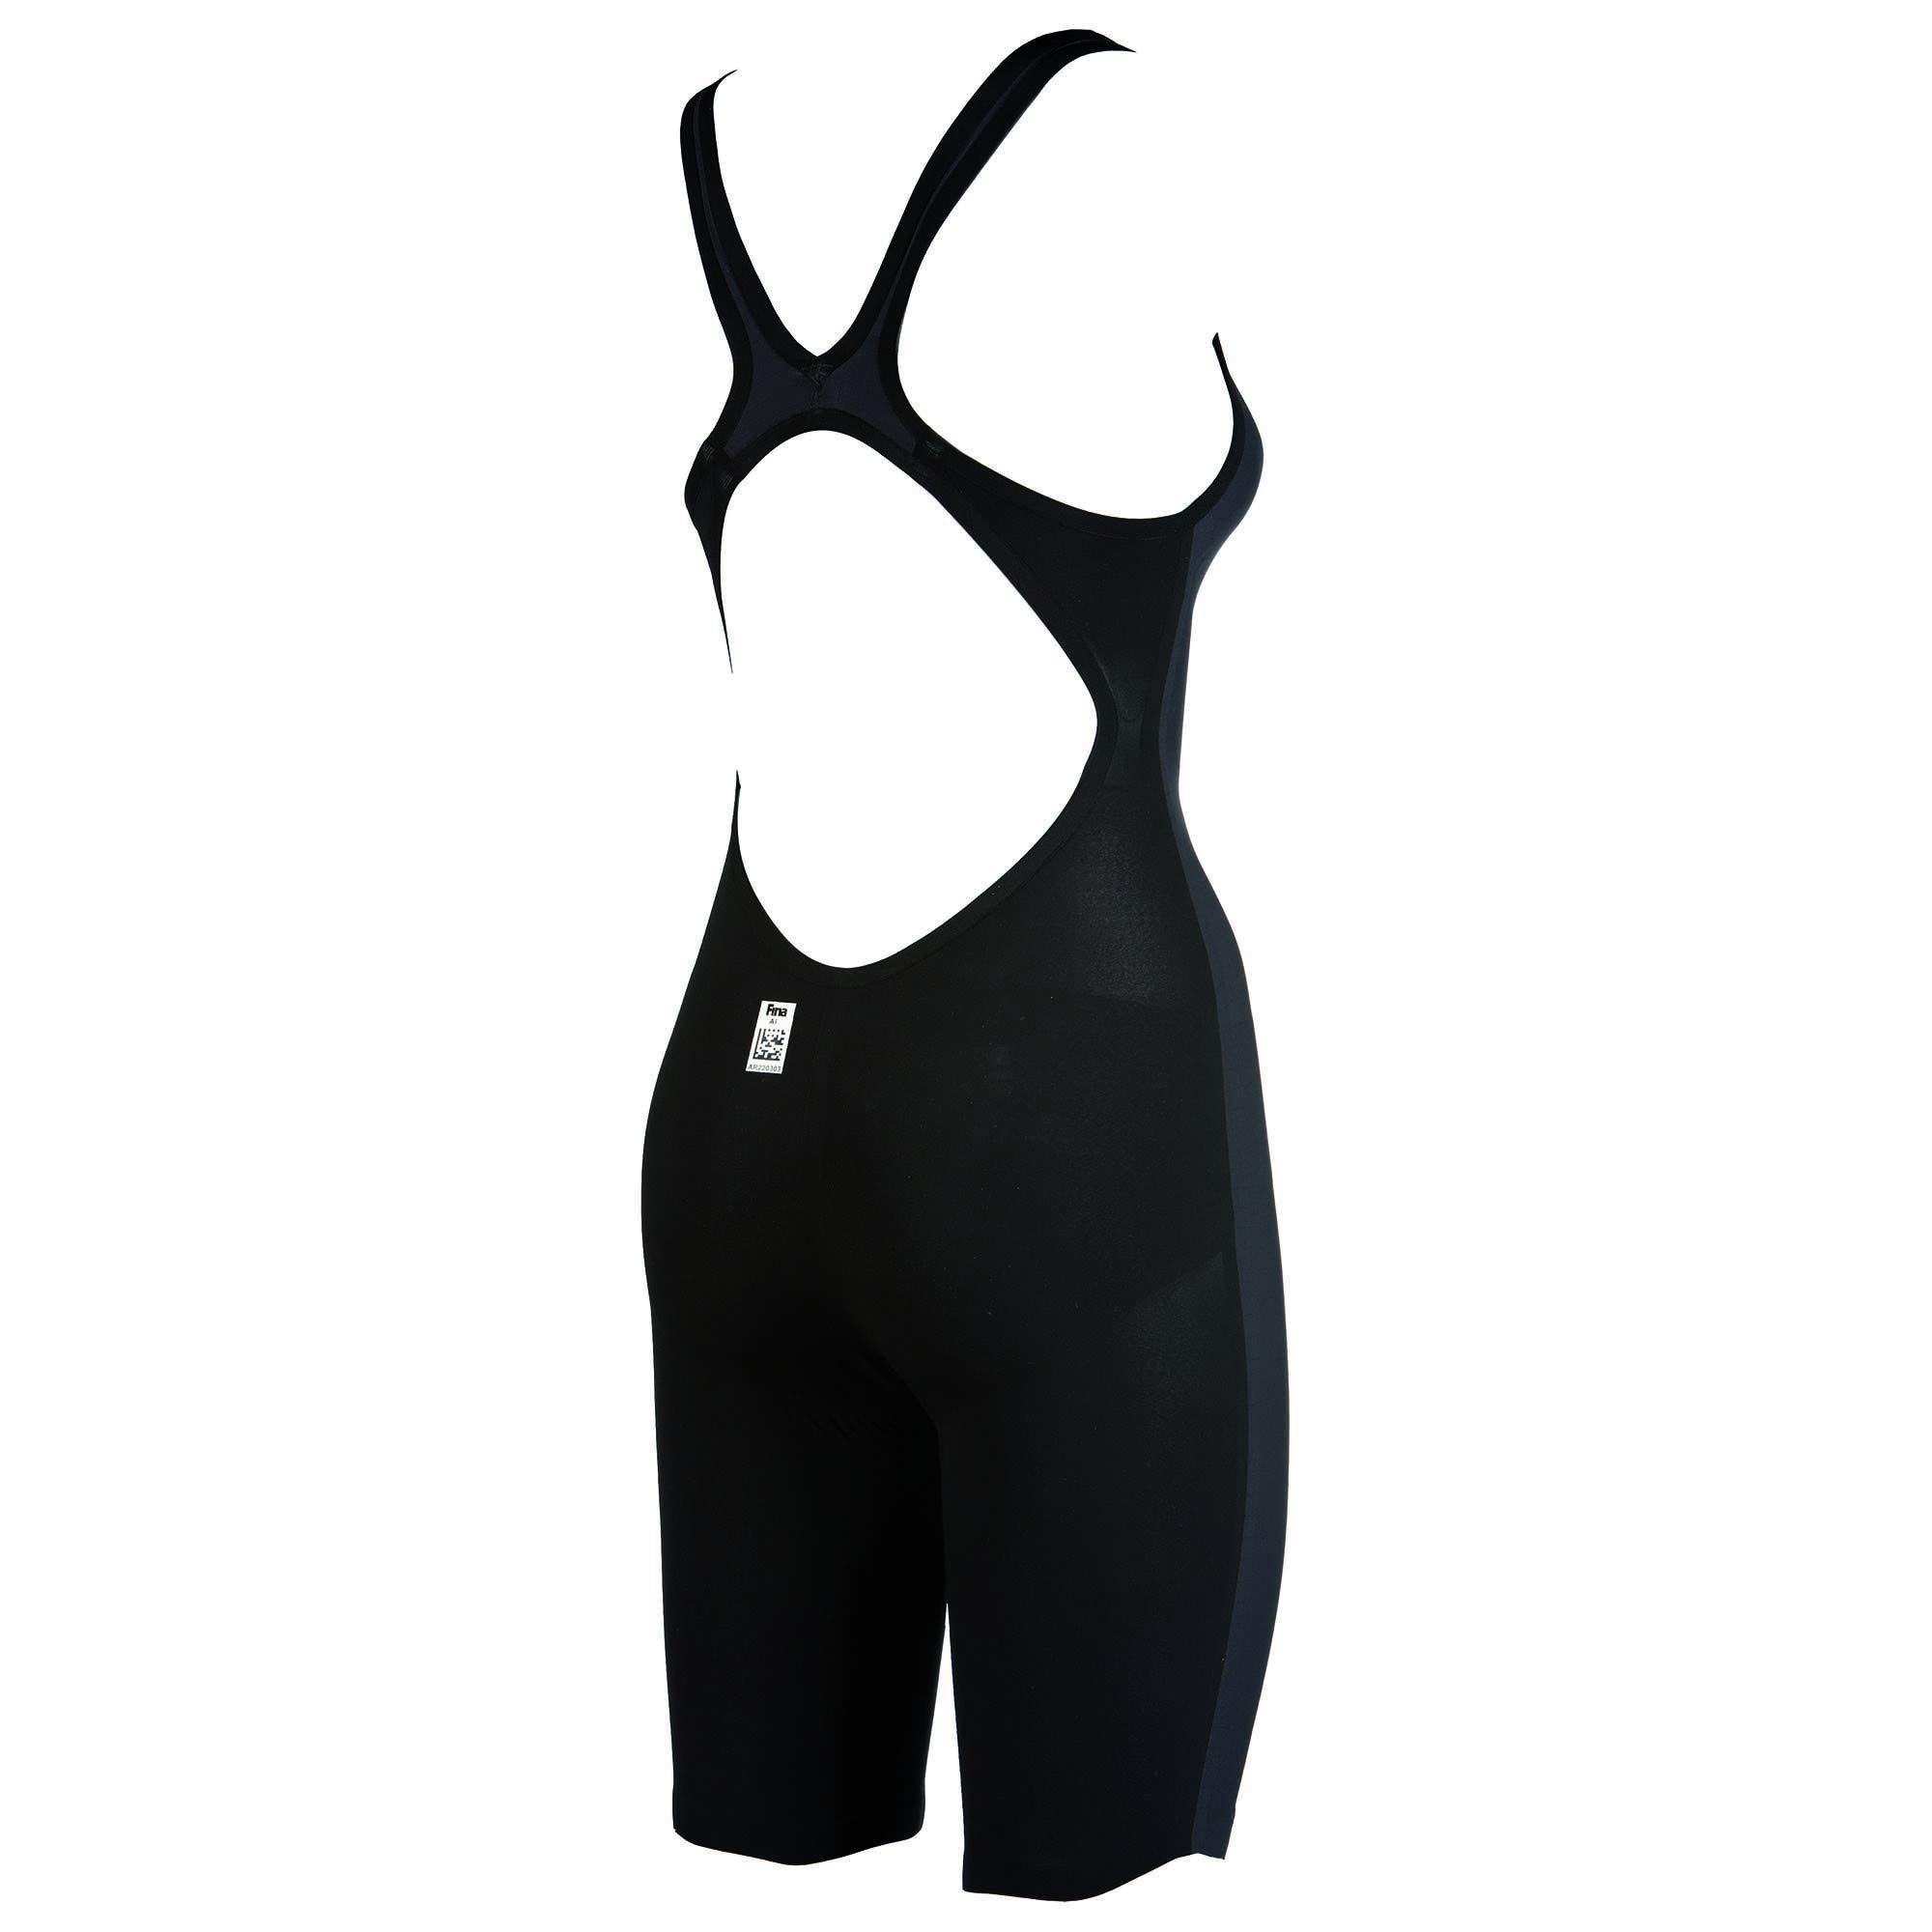 arena Powerskin Carbon Air FBSL Open Back Women's Racing Suit, Dark Grey / Black, 22